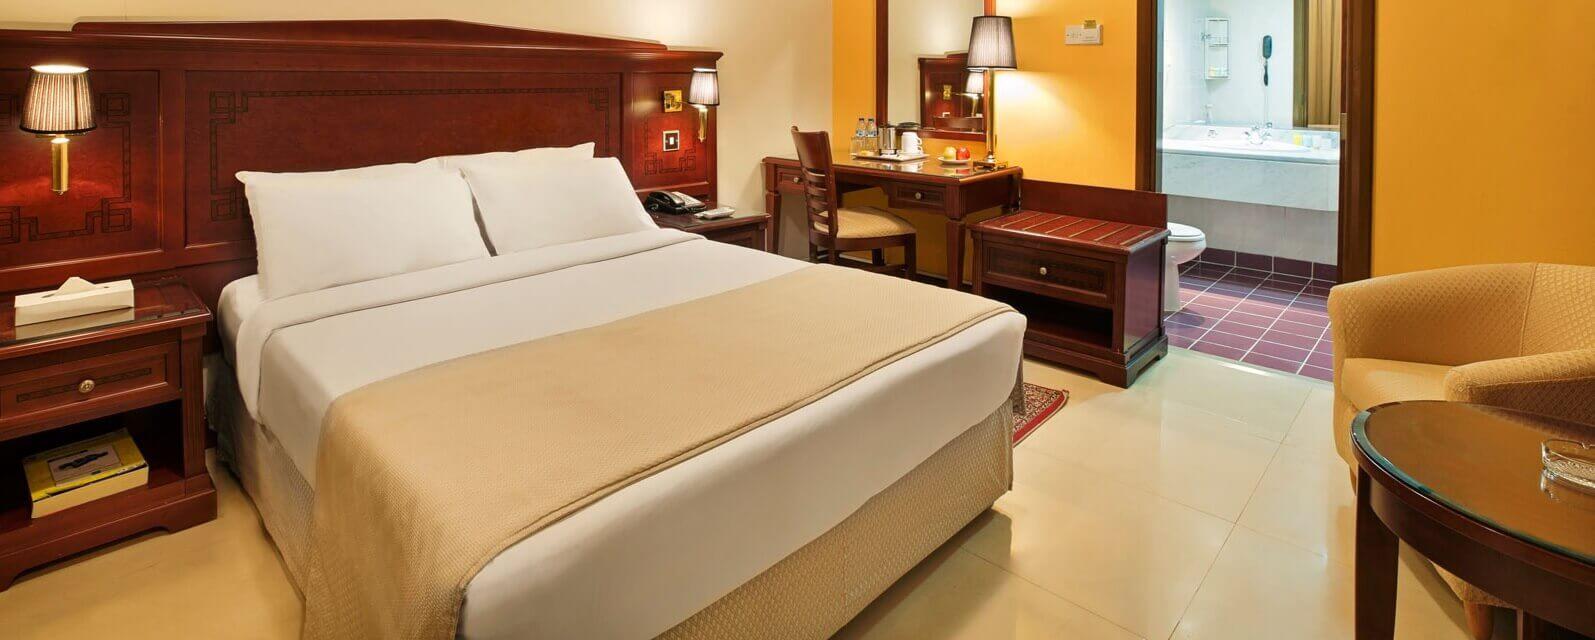 Rooms Amp Suites Admiral Plaza Hotel Dubai